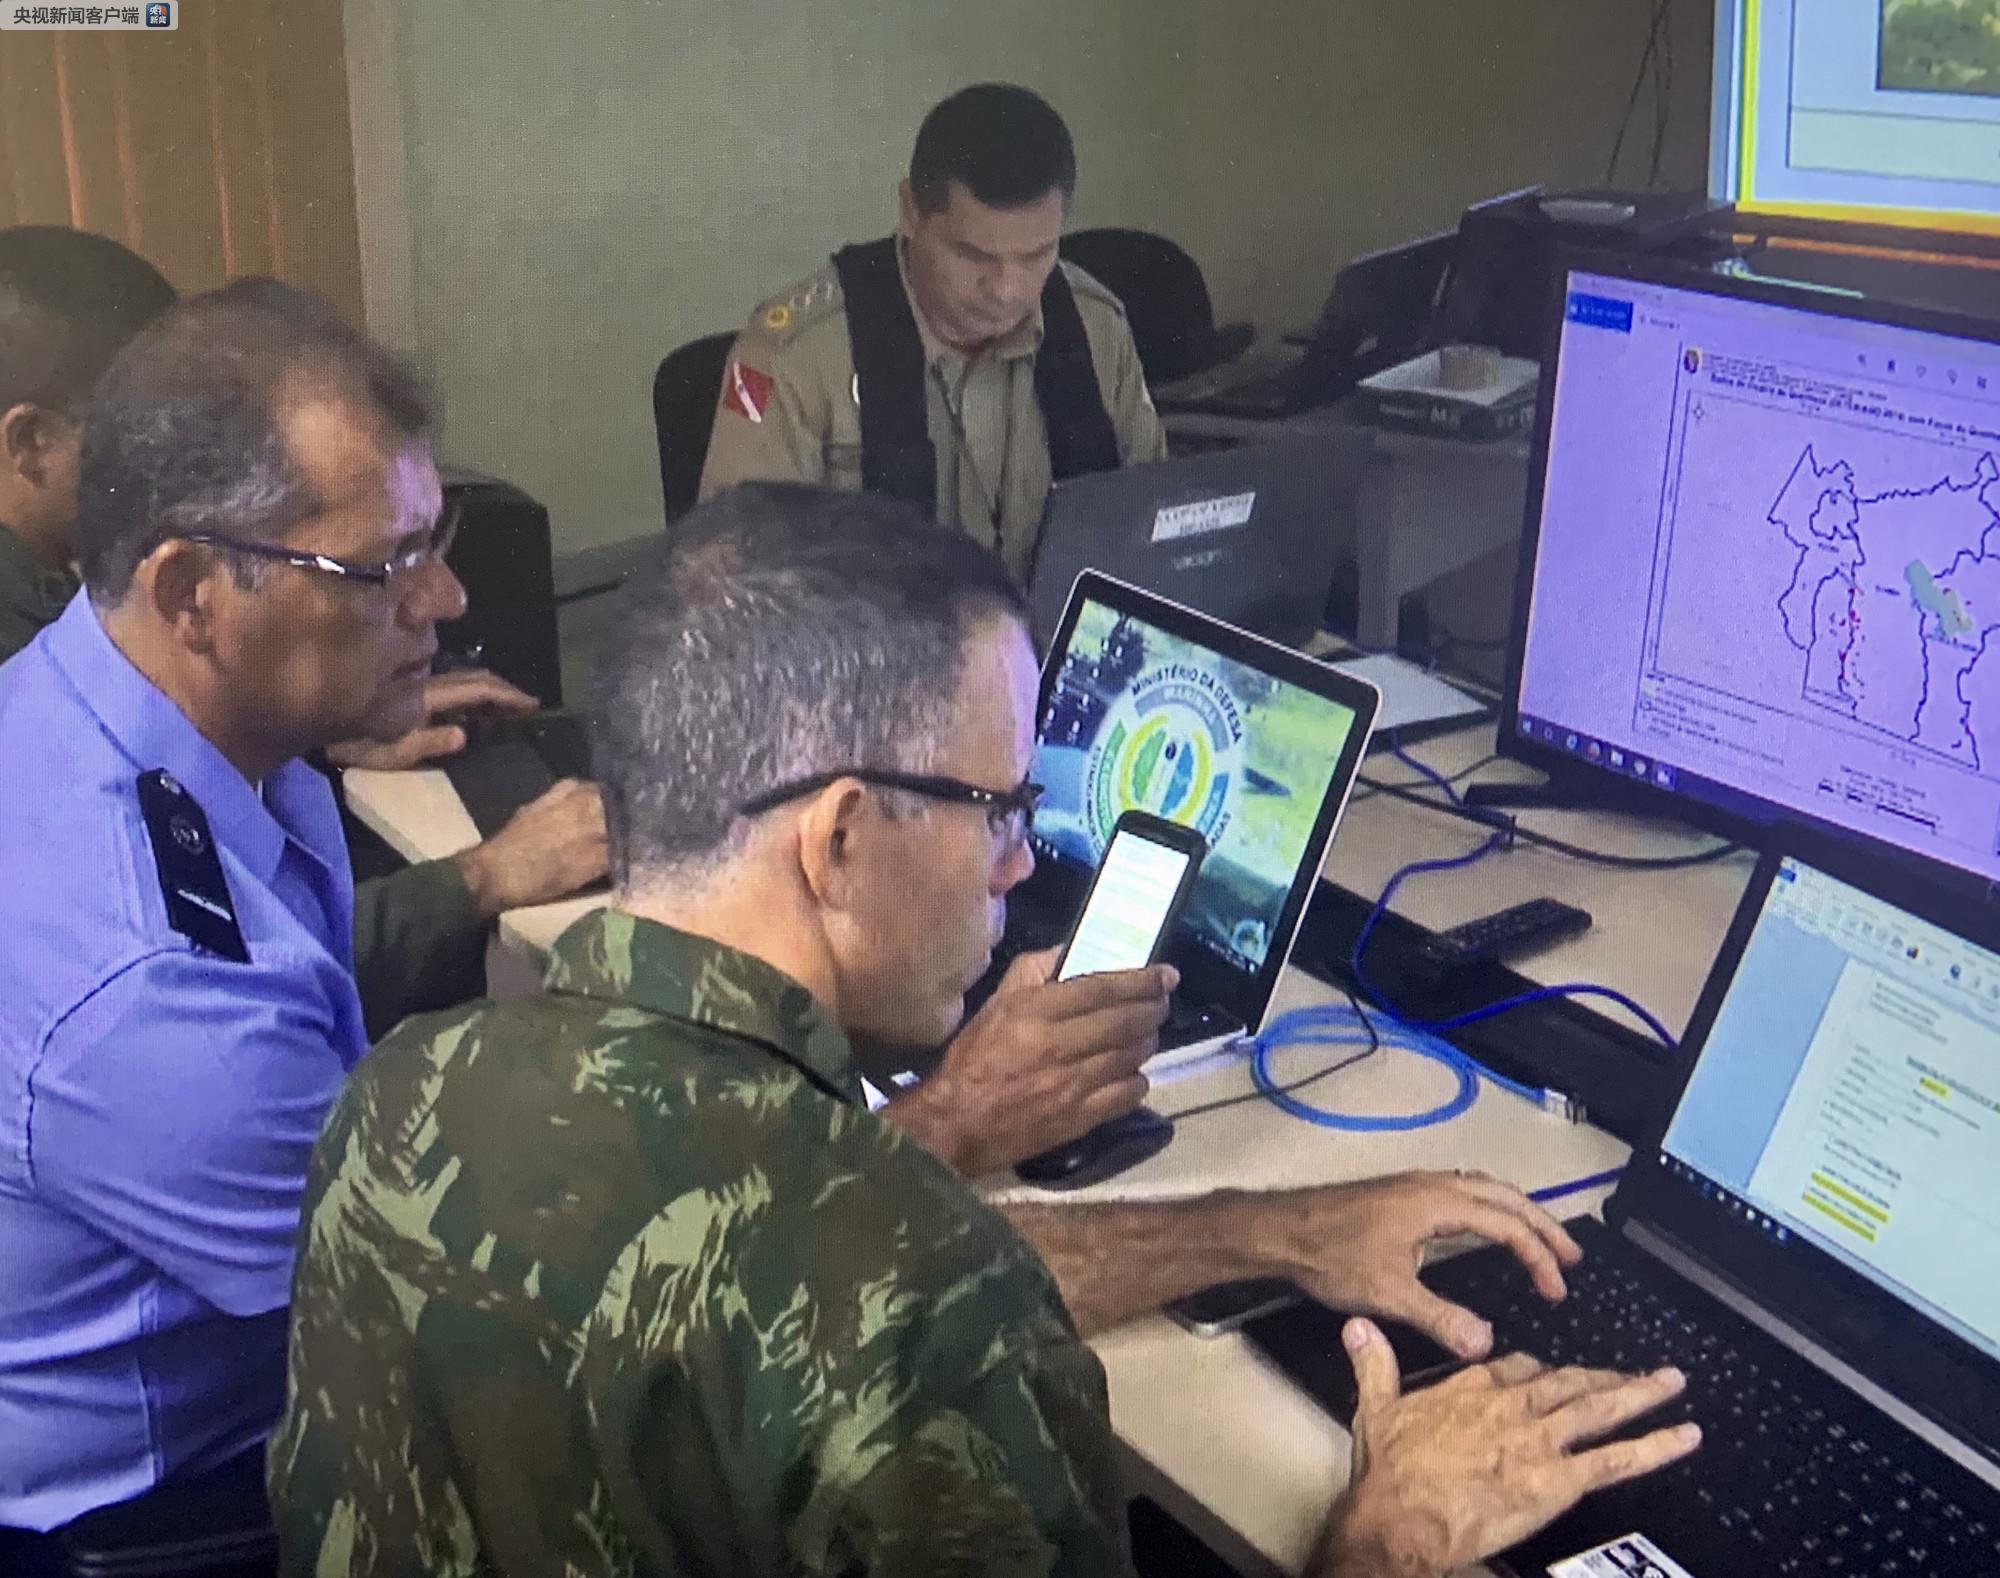 应对亚马孙大火 巴西帕拉州成立专门火灾指挥中心